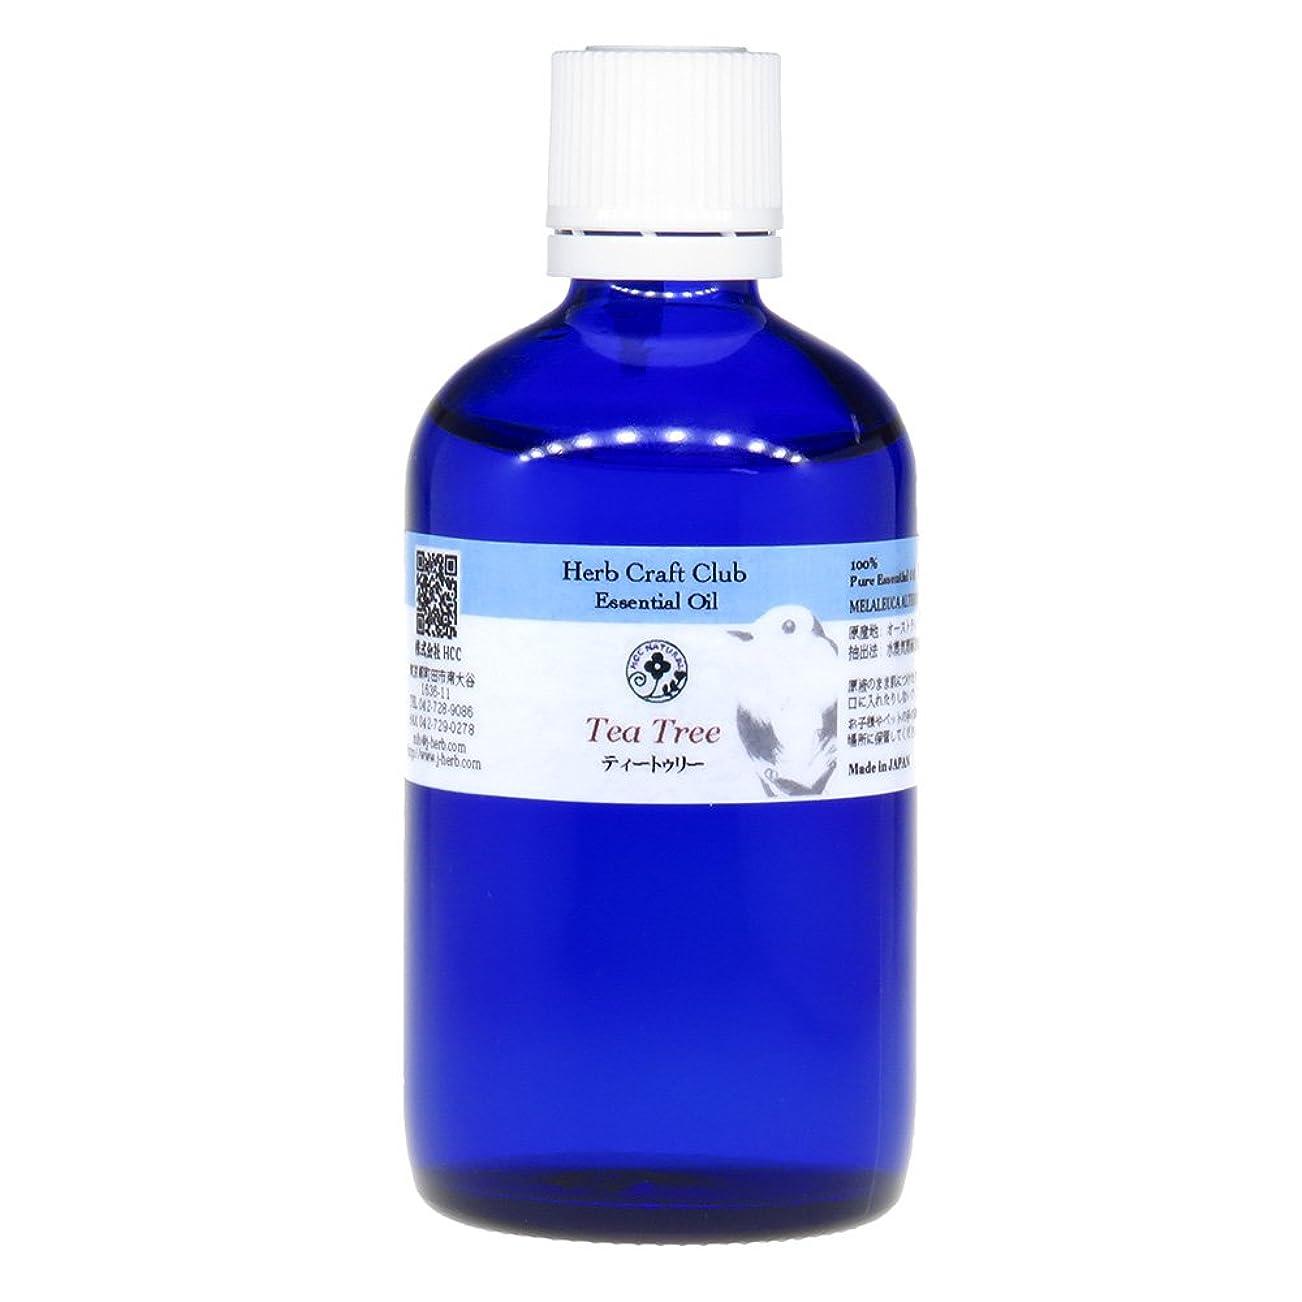 パントリー近似セグメントティートゥリー105ml 100%天然エッセンシャルオイル ※徳用サイズ 卸価格